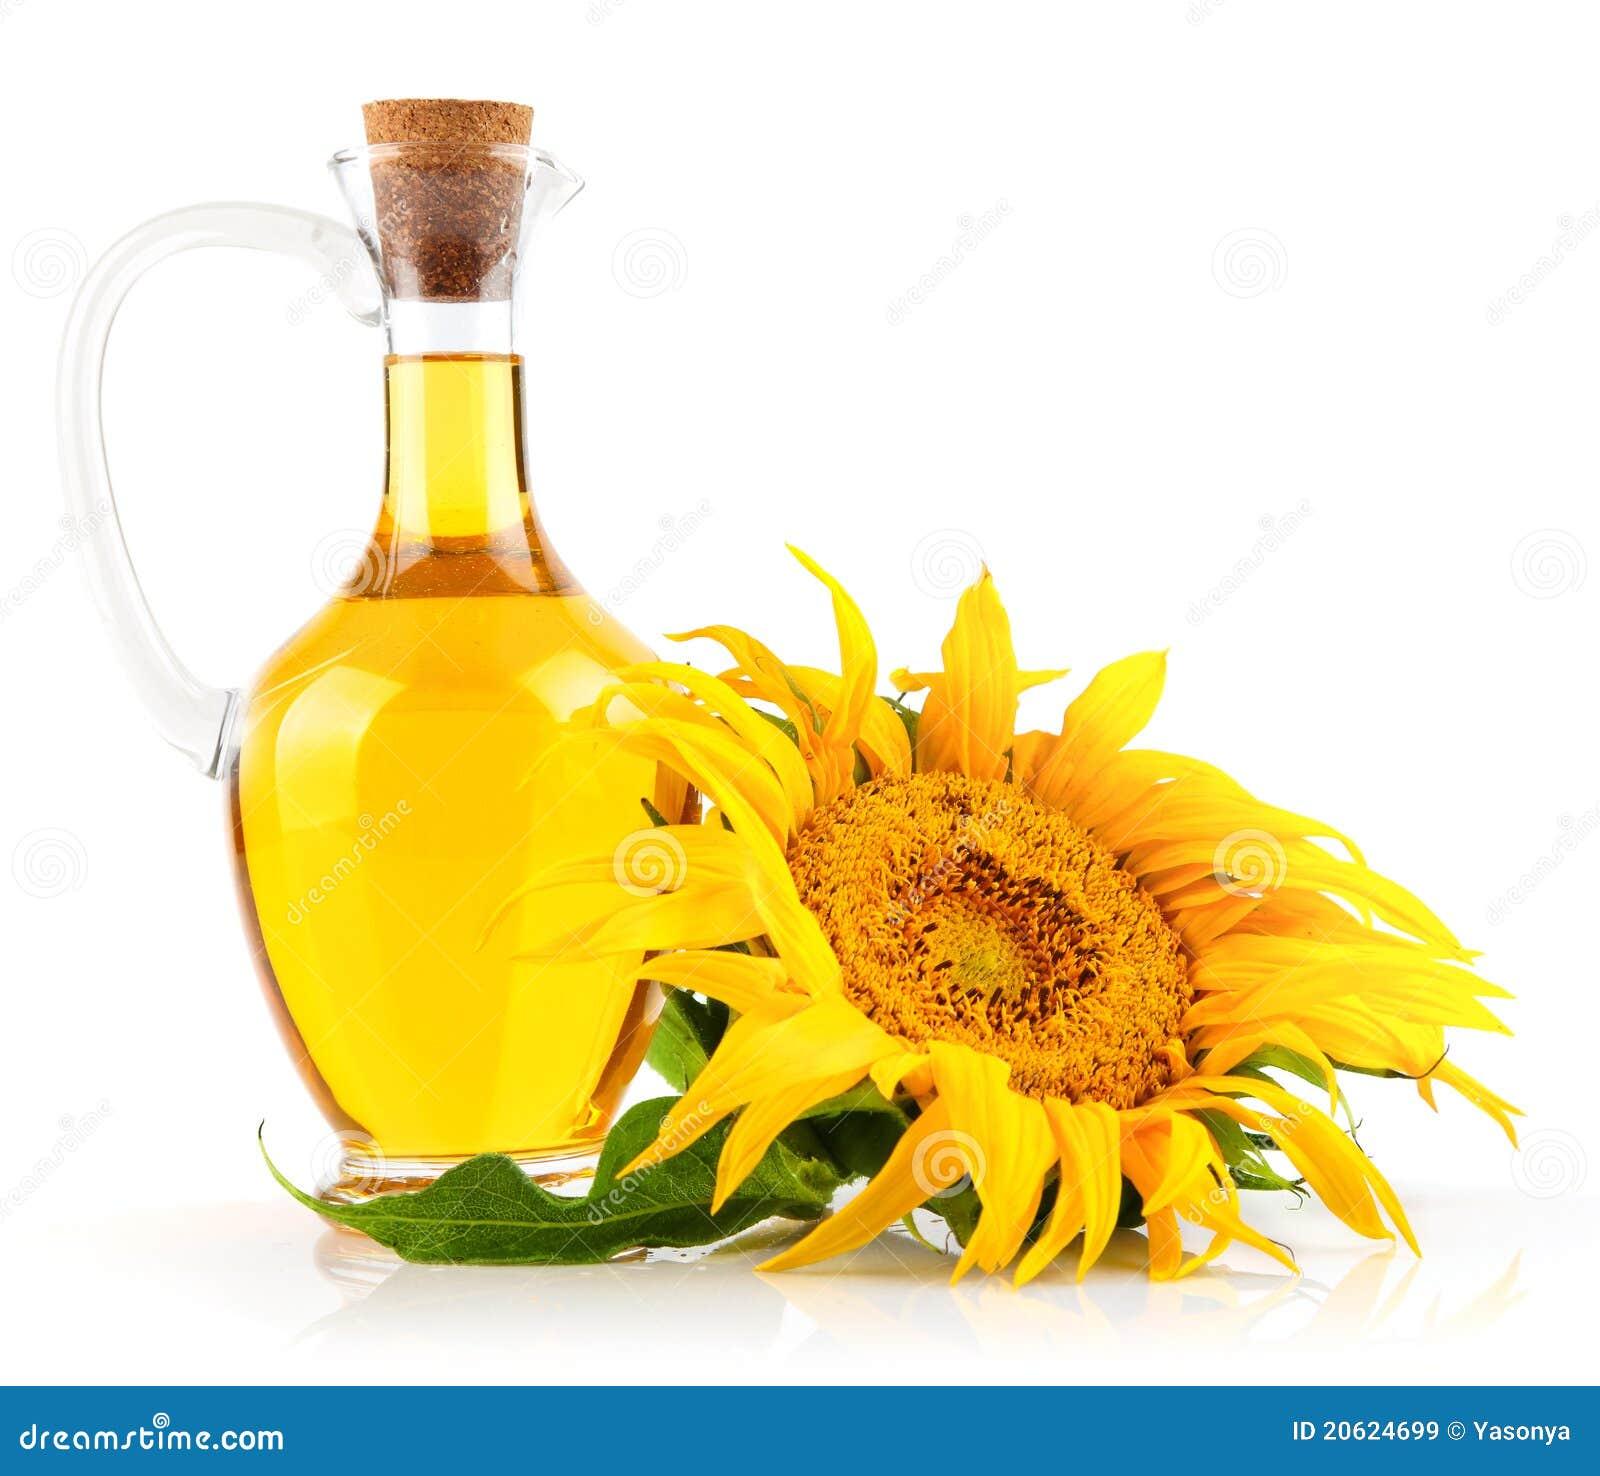 подсолнечное масло при повышенном холестерине